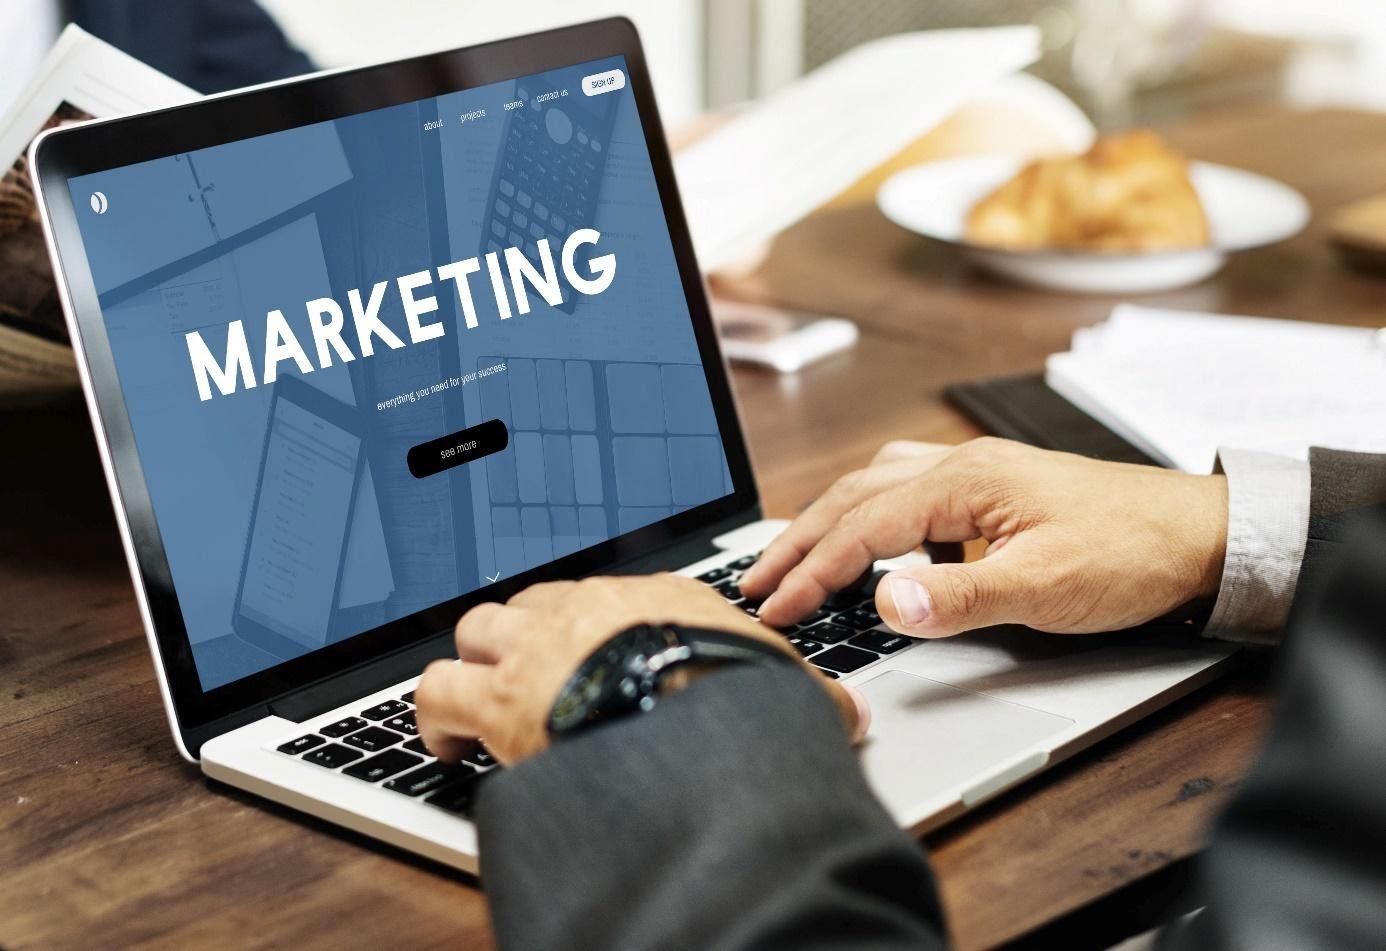 choix agence1 - Faire le choix d'une agence de communication pour sa publicité Facebook